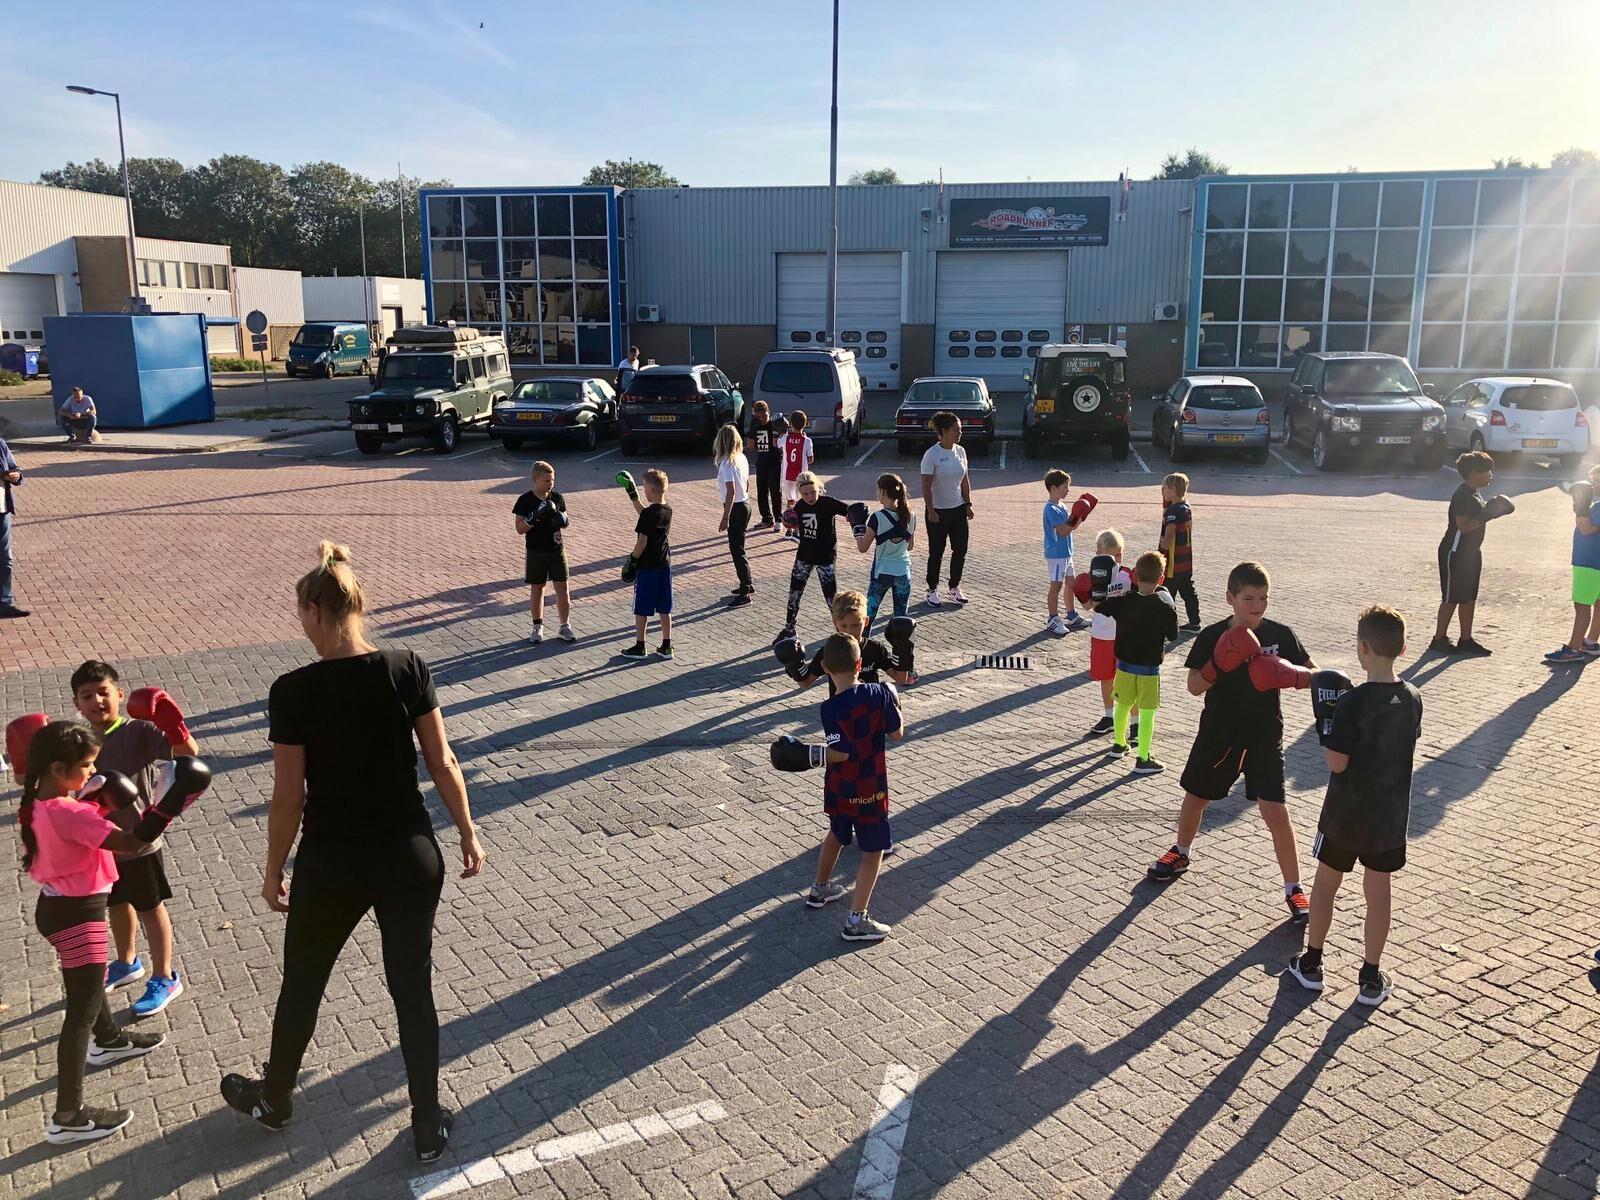 Woensdag 13 mei starten de kids boxing trainingen buiten naast de boksschool